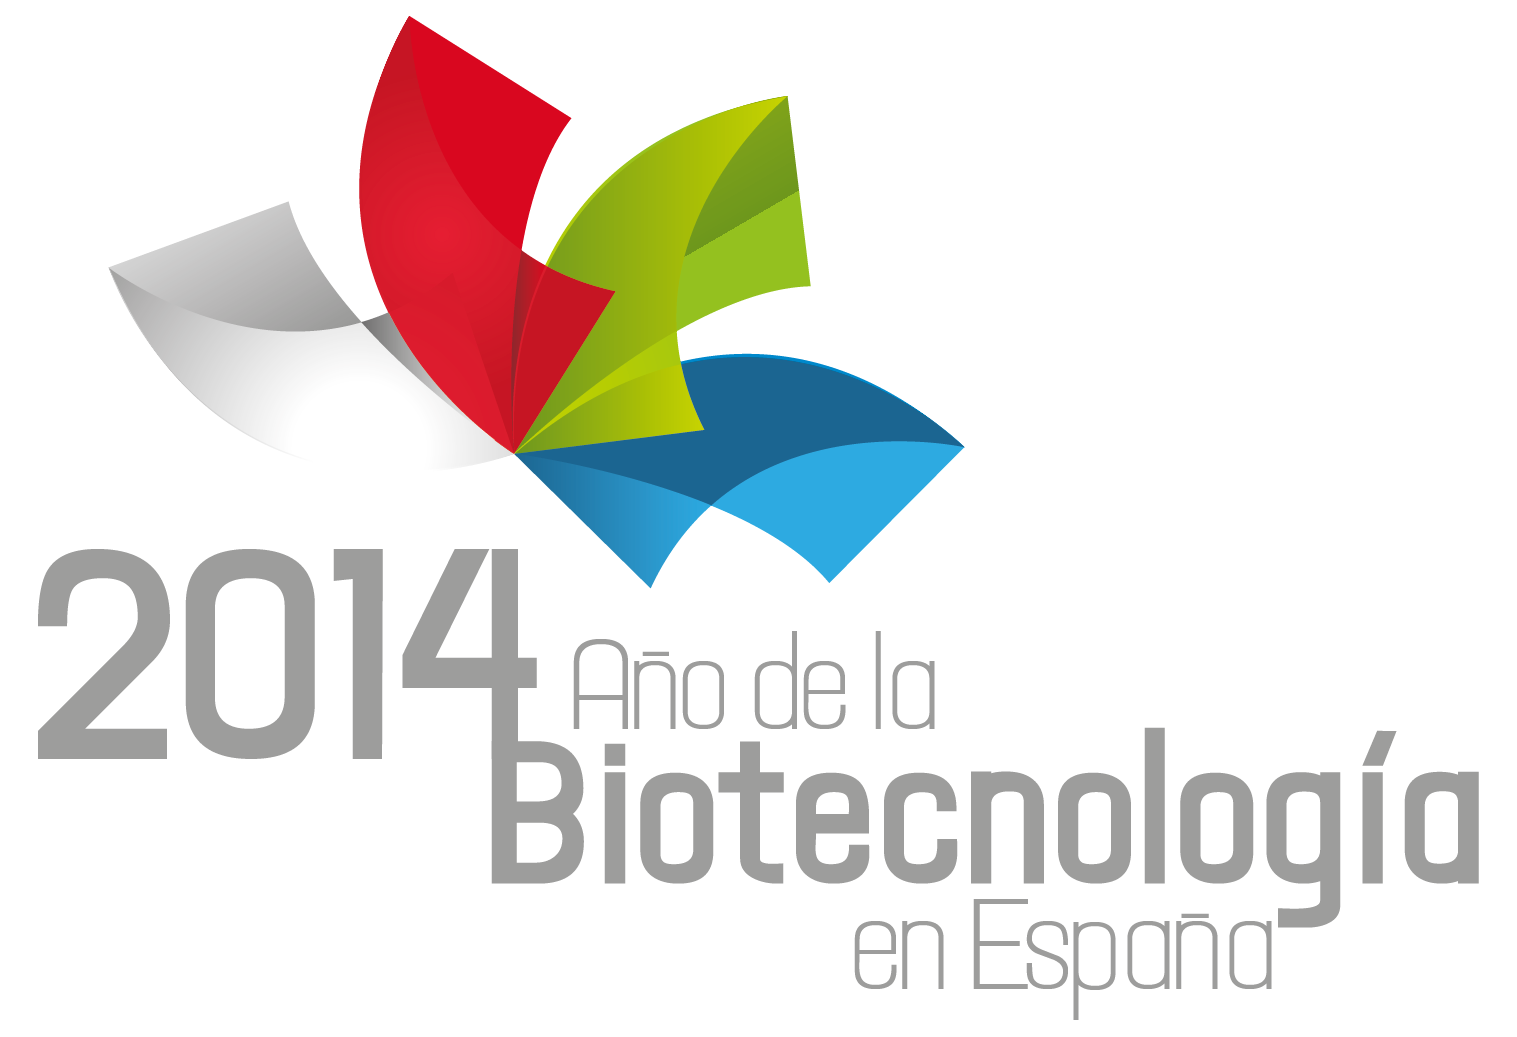 Año de la Biotecnología